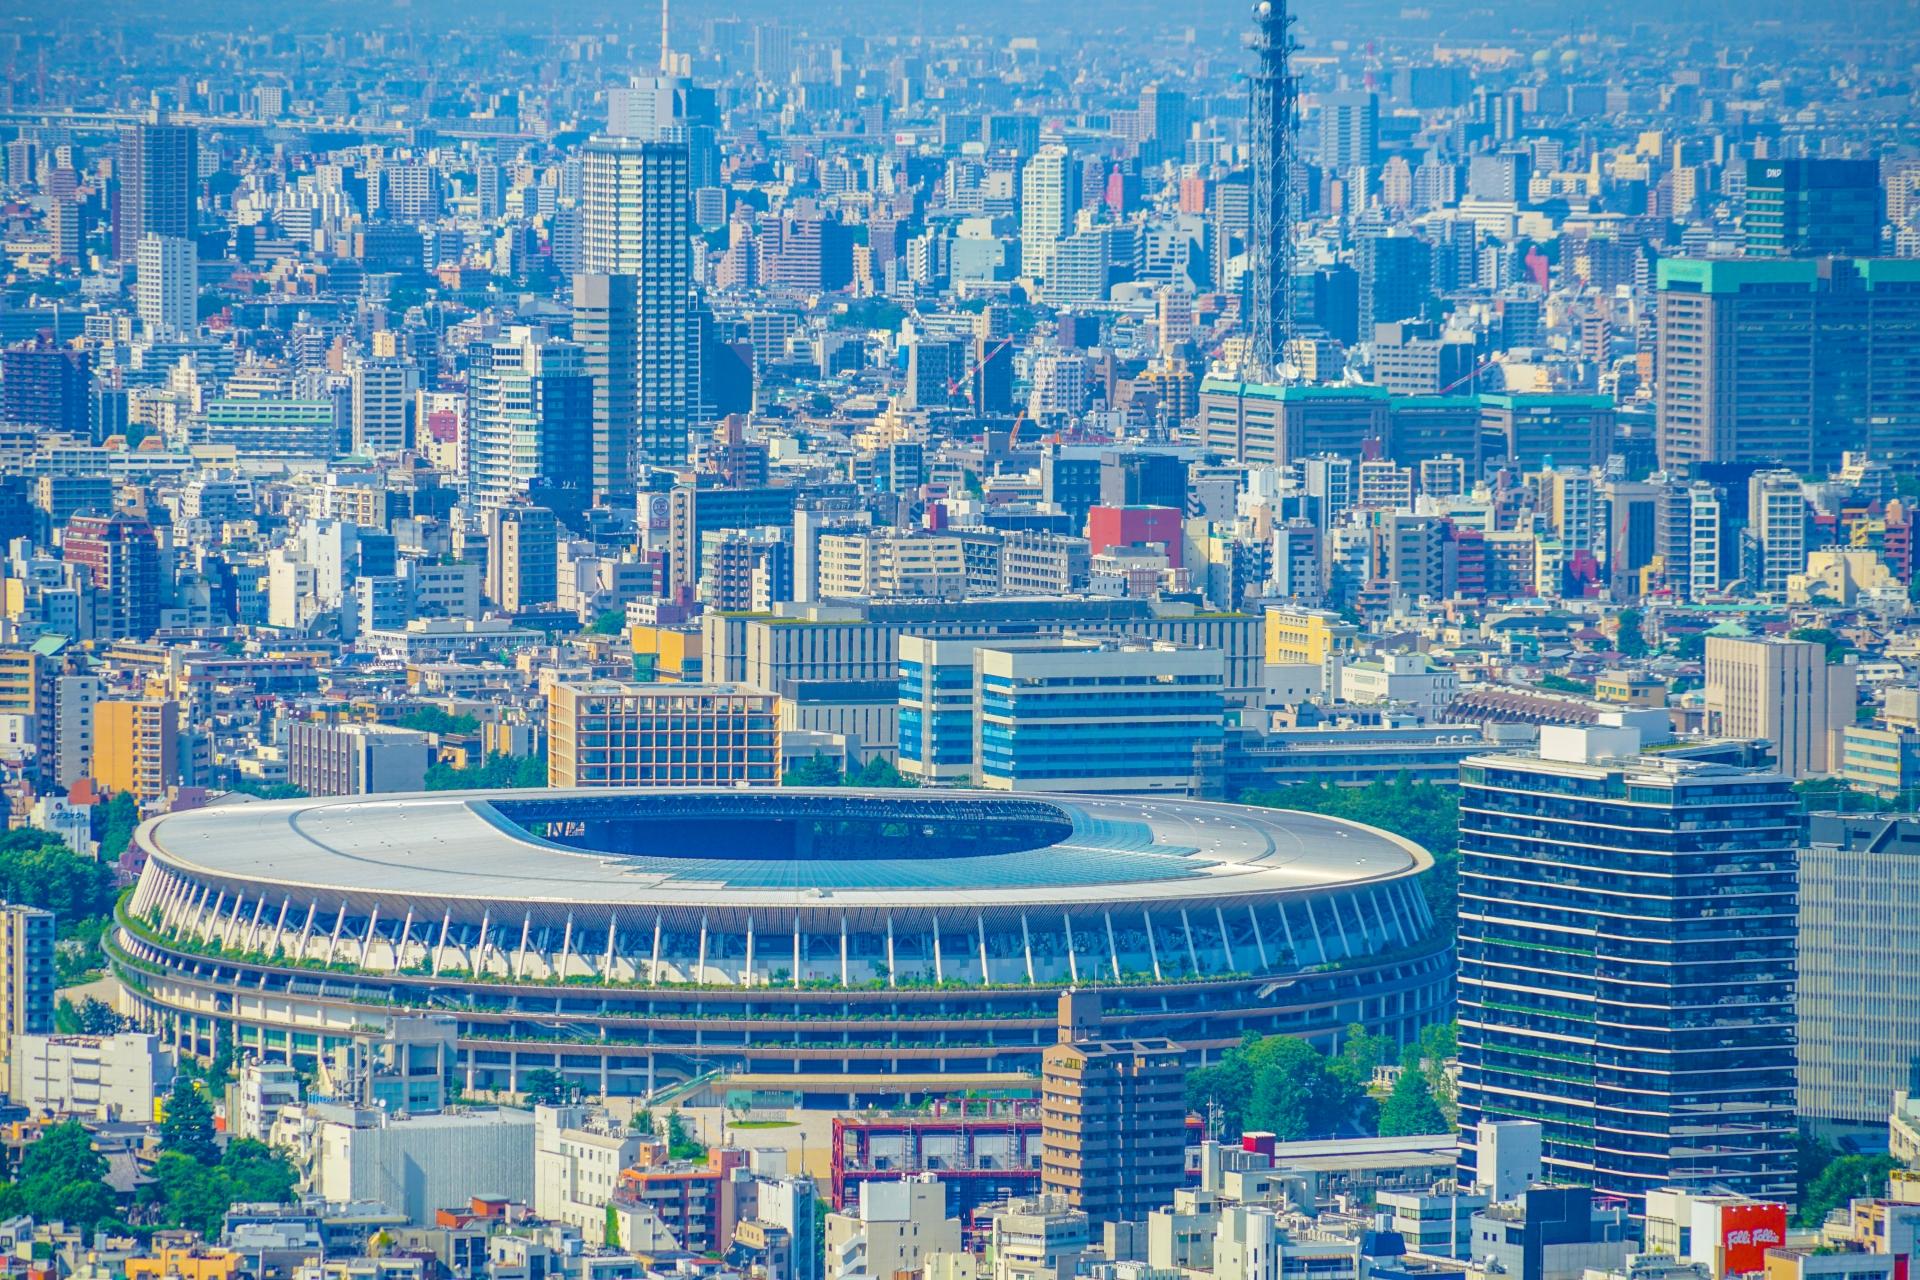 2020年东京奥运会:奥运会期间在日本旅游和COVID-19